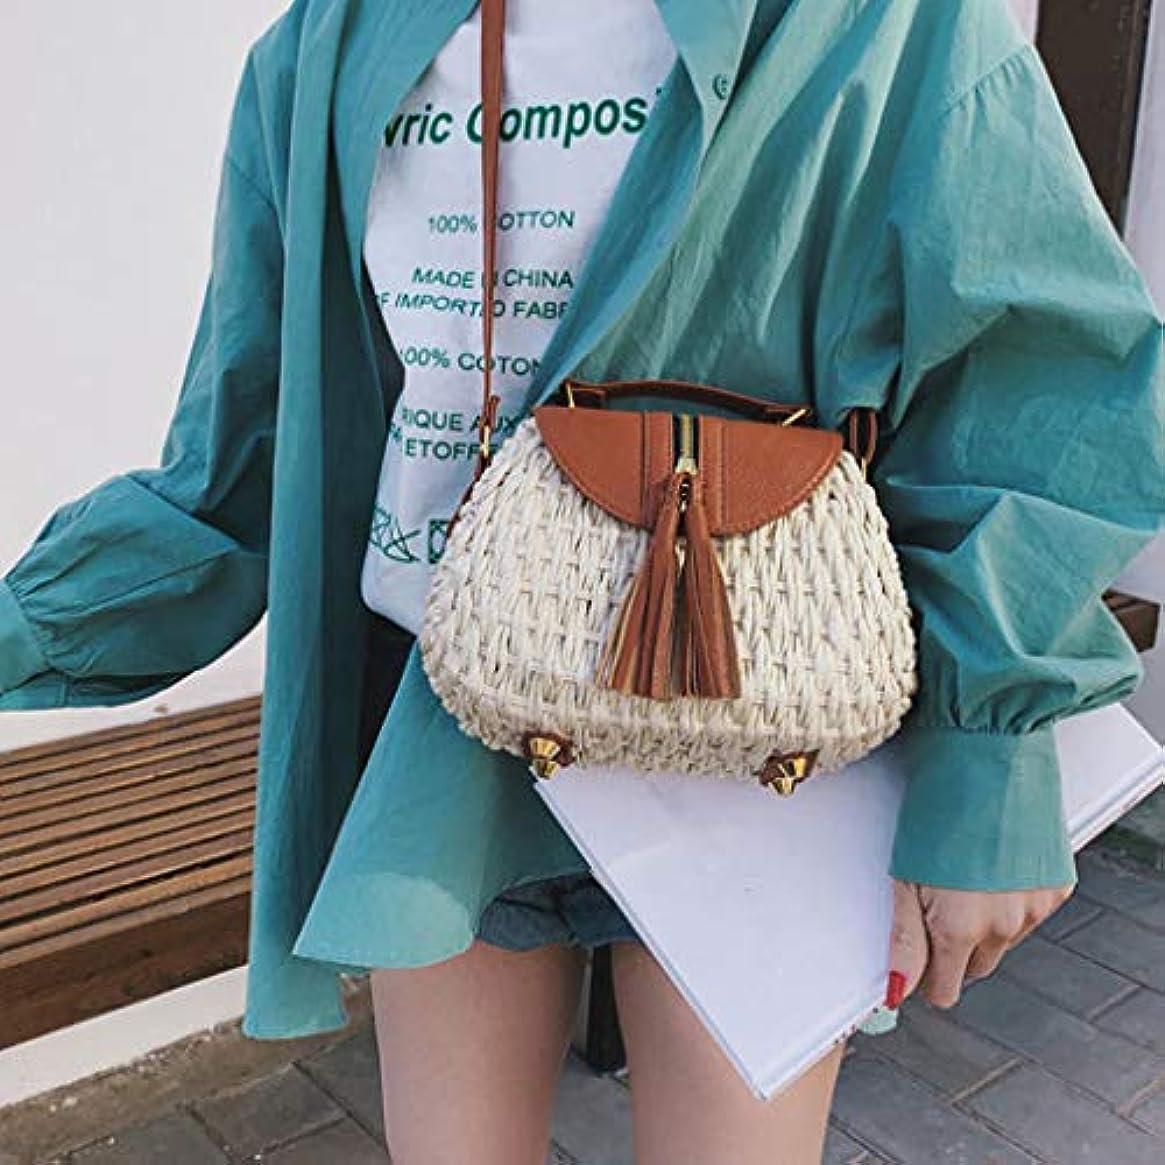 毎月過ち予約女性の流行のタッセルはショルダー?バッグ、女性浜の余暇のクロスボディ袋を織ります、女性のタッセルは浜様式のメッセンジャー袋を織ります、女性方法対照色のビーチ様式のメッセンジャー袋 (ベージュ)